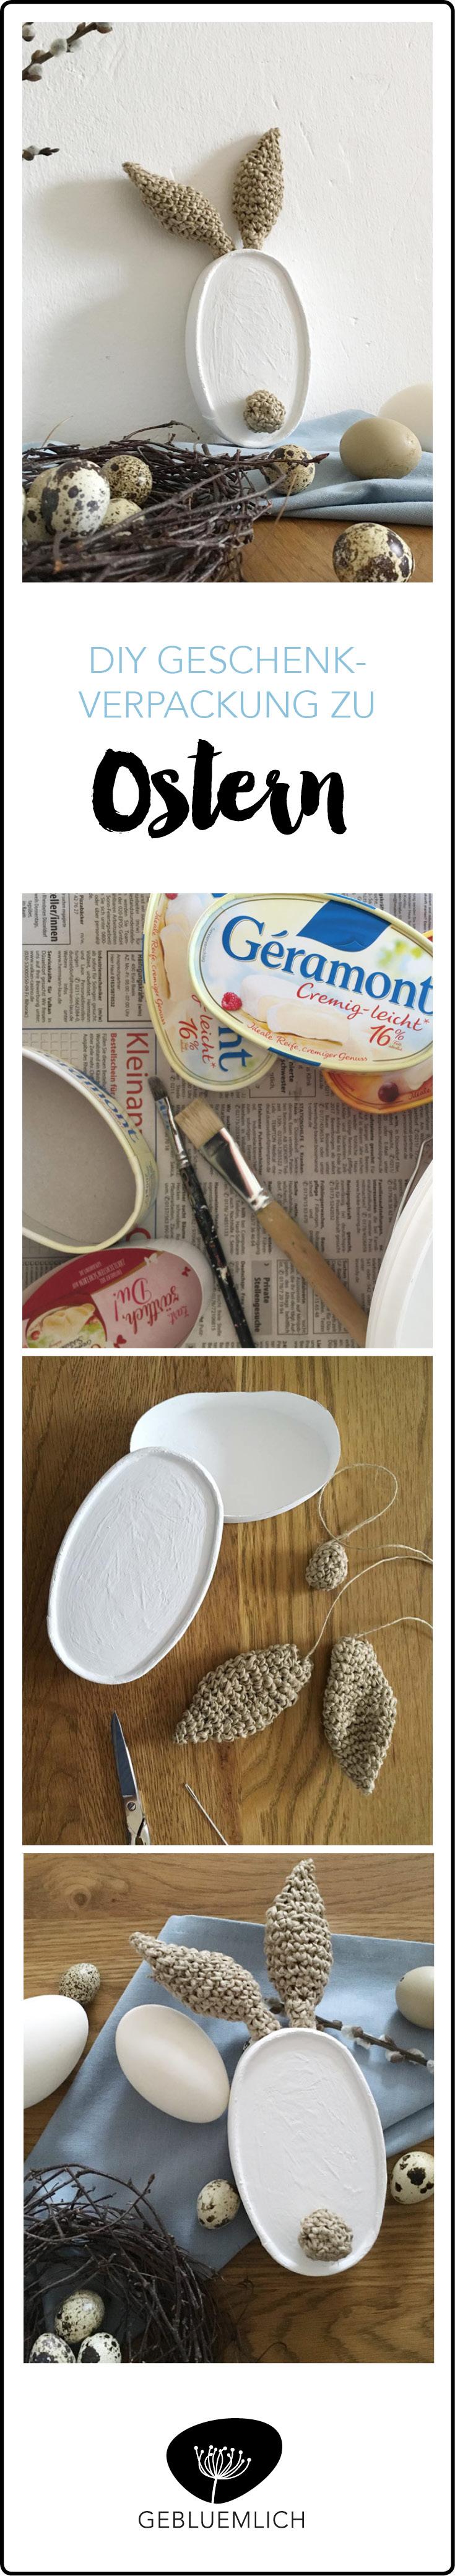 DIY Geschenkverpackung zu Ostern aus einer Camenbertverpackung